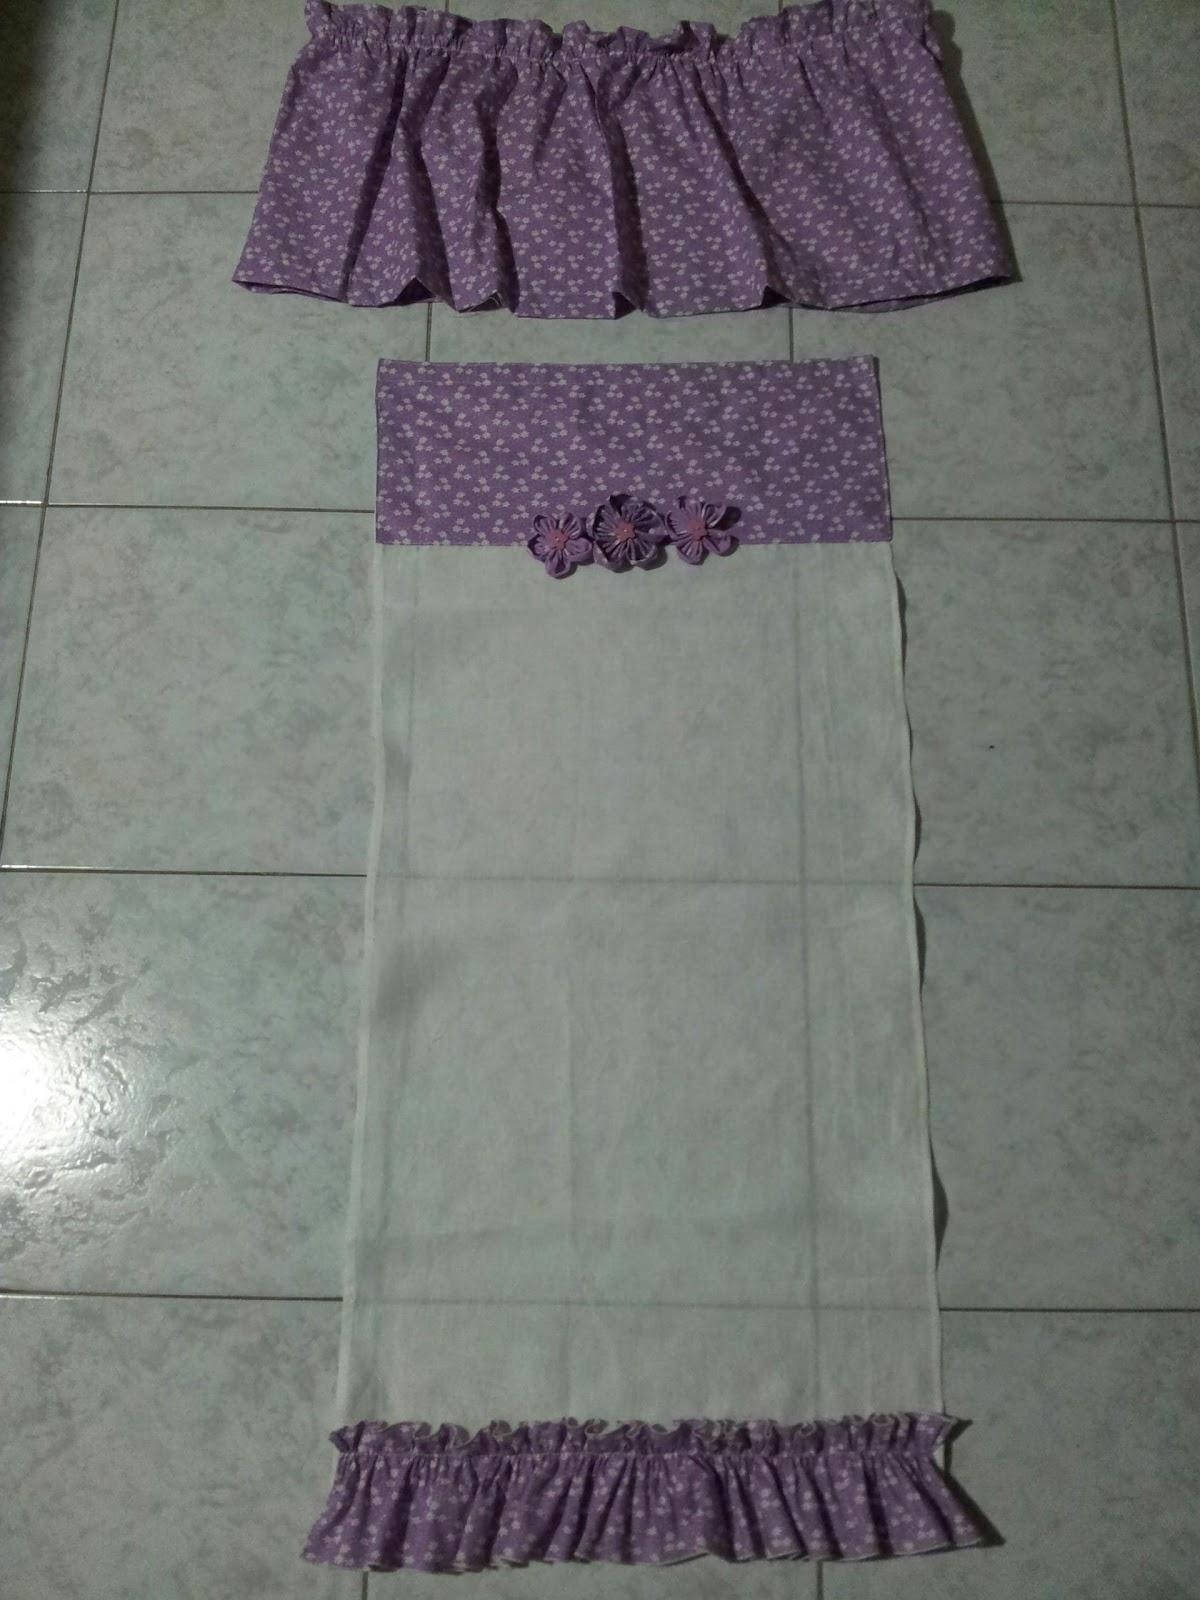 Le creazioni di antonella tendine dietrovetri con copricassettone per bagno - Modelli di tende per bagno ...